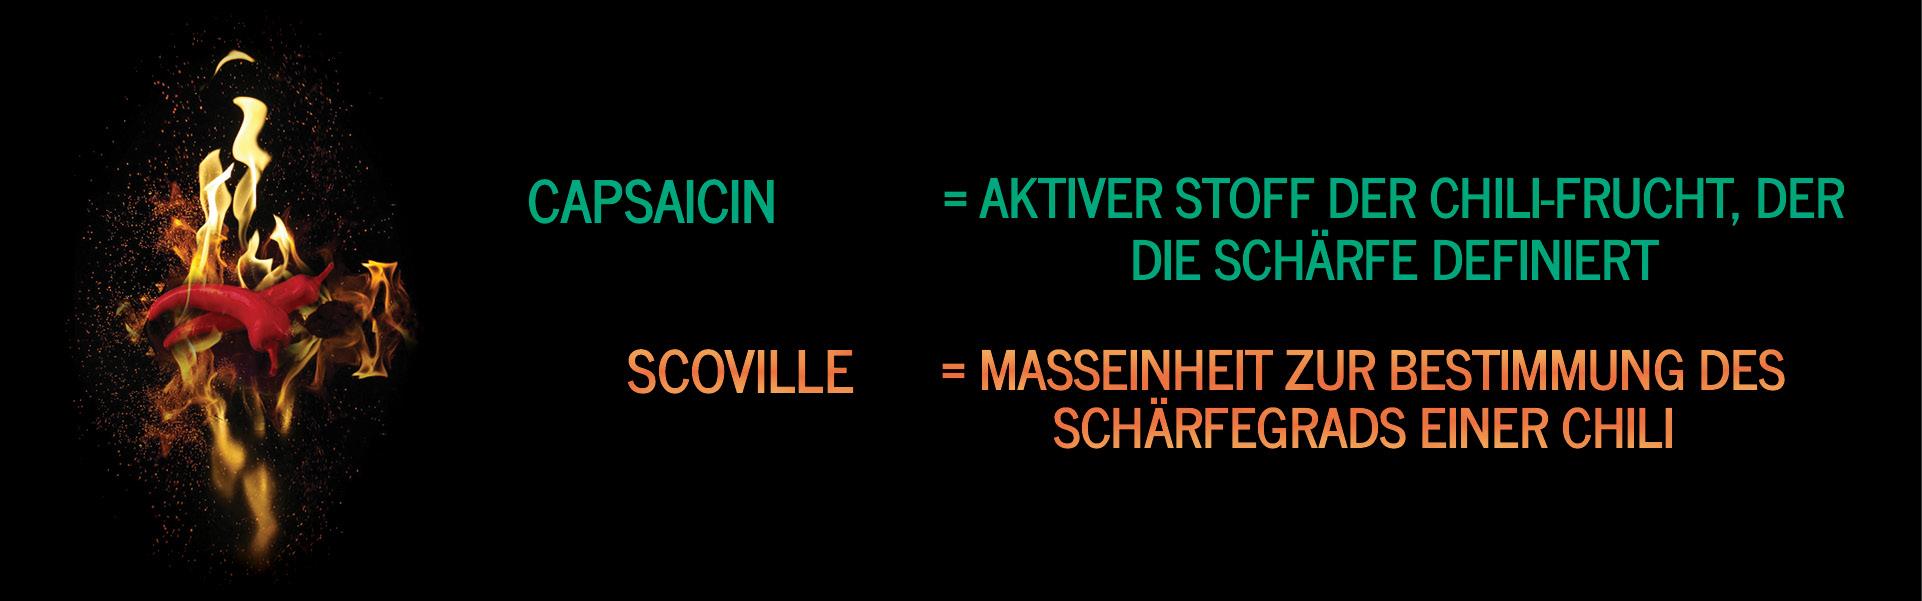 Capscovil - Über uns - Der Name Capscovil entstand aus der Kombination von Capsaicin und Scoville